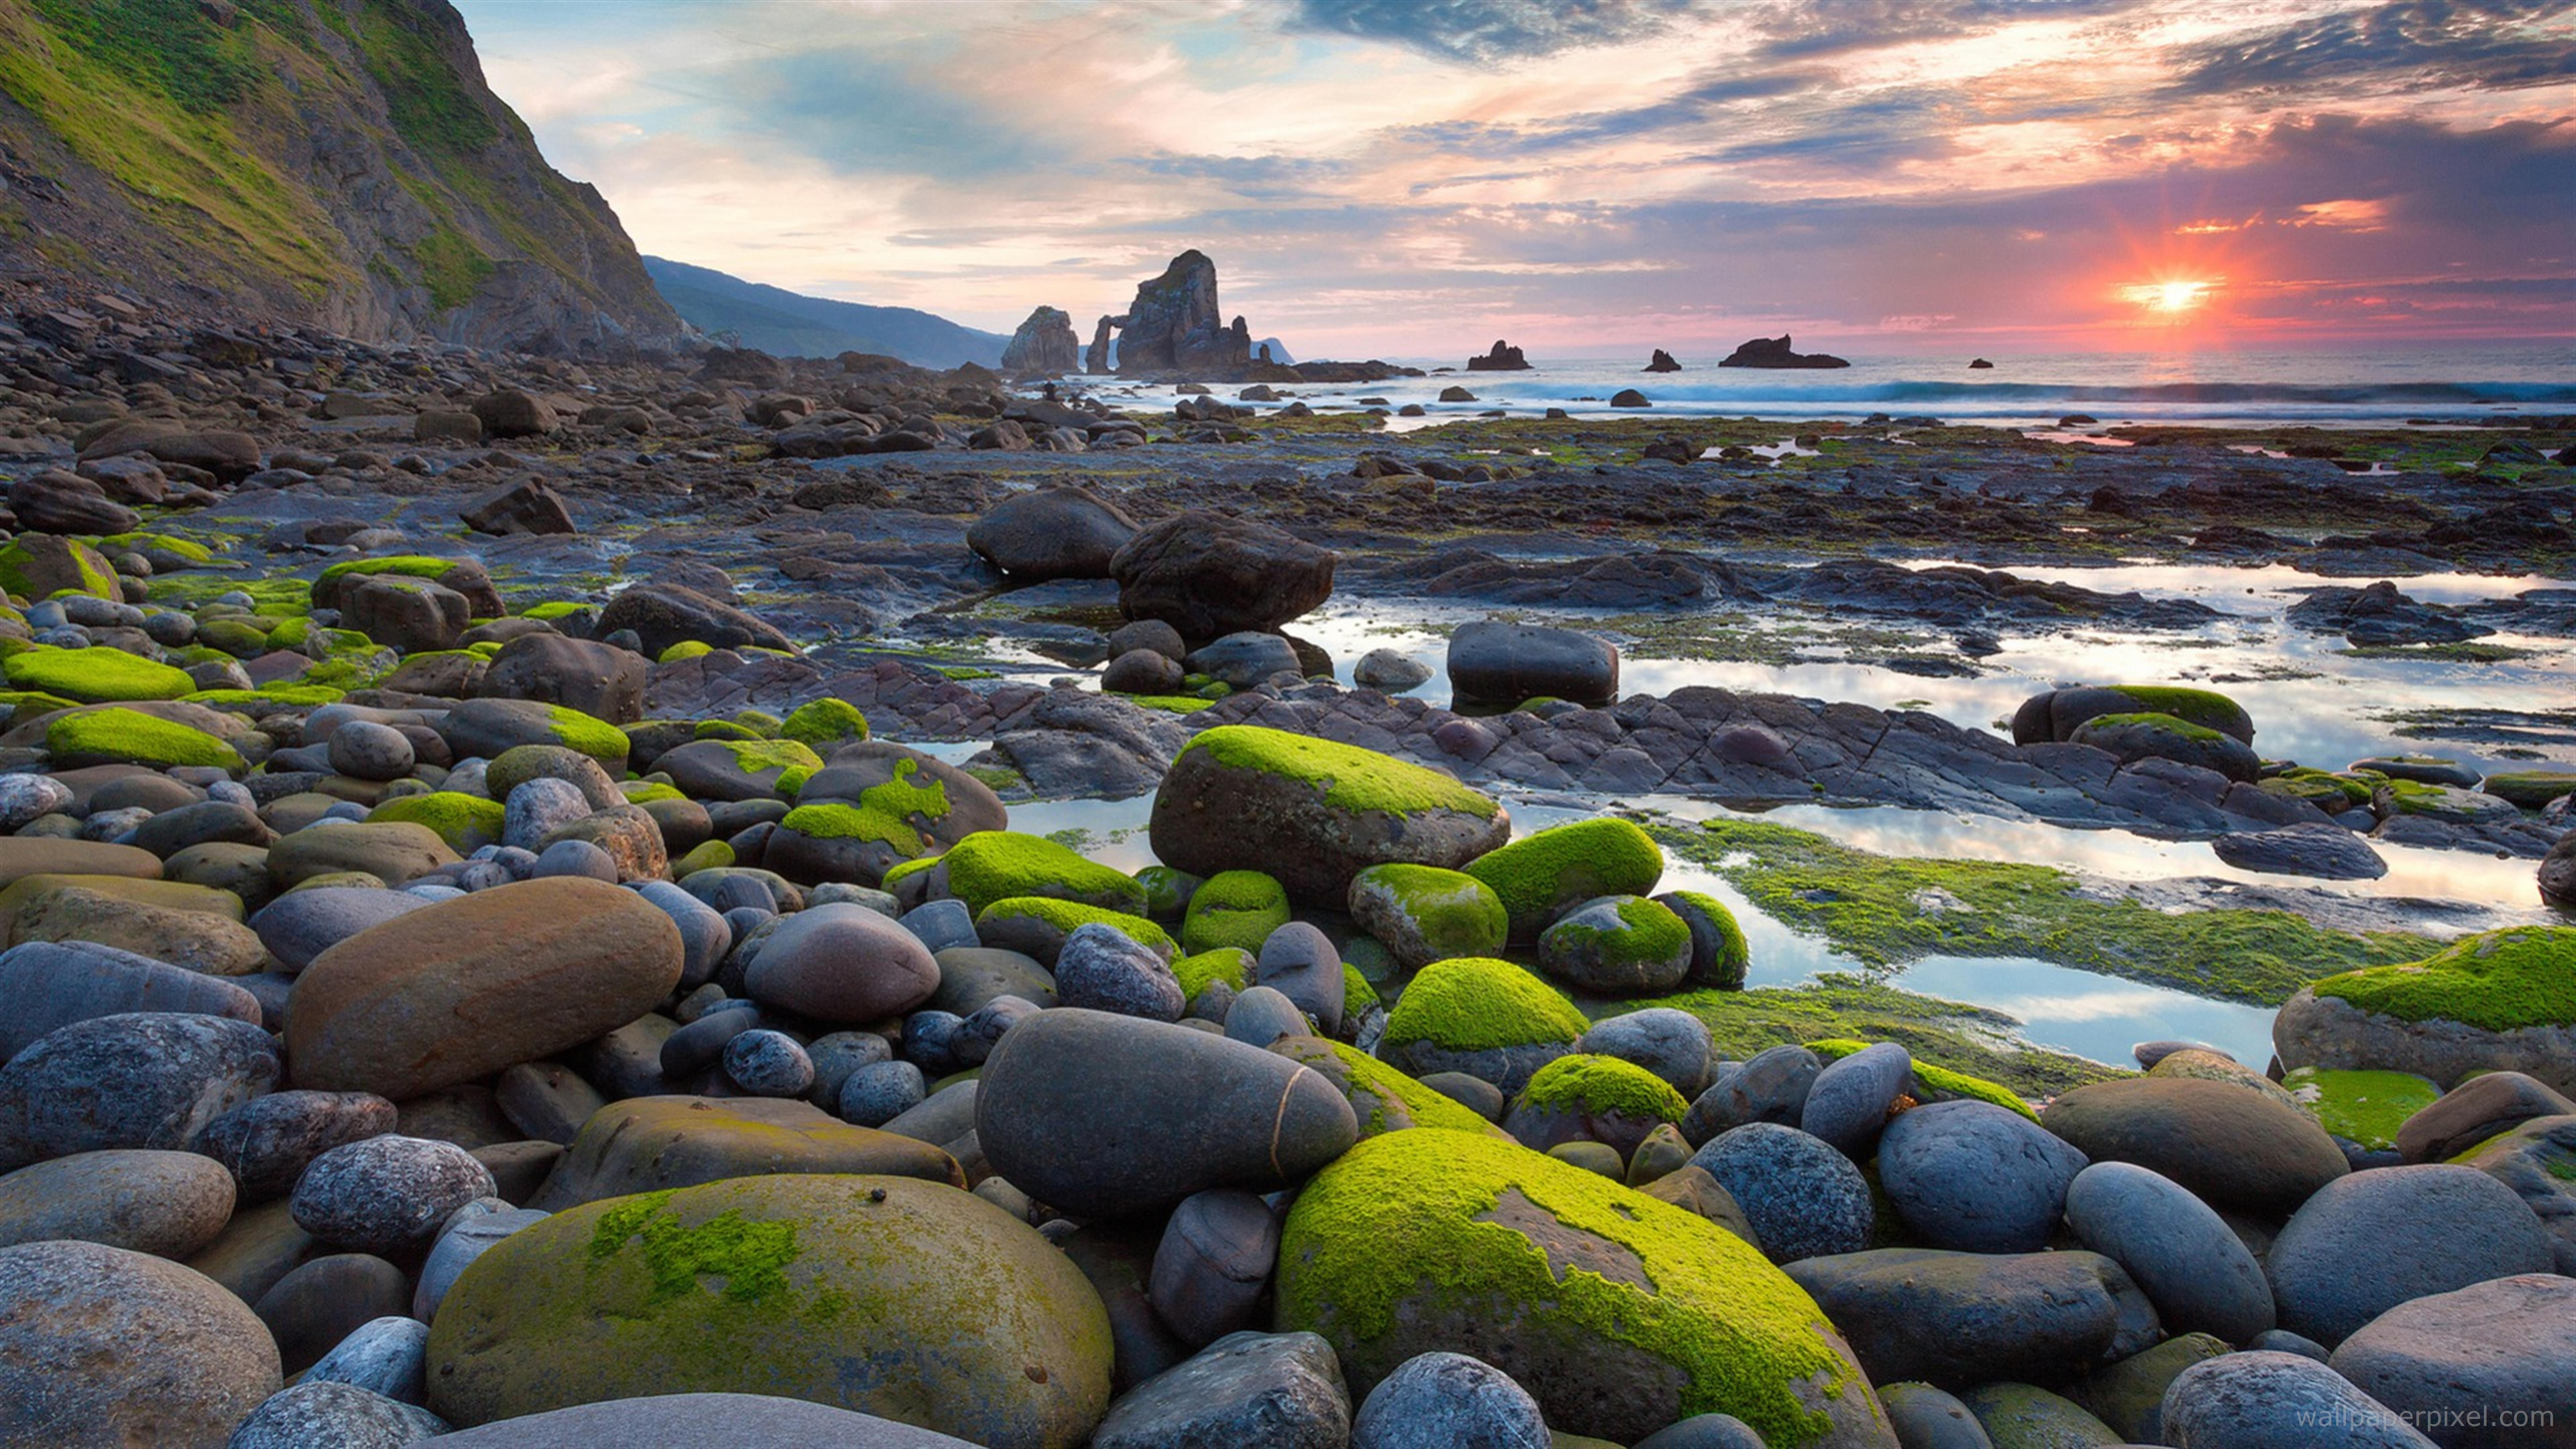 64k resolution wallpaper download,nature,natural landscape,shore,sky,rock